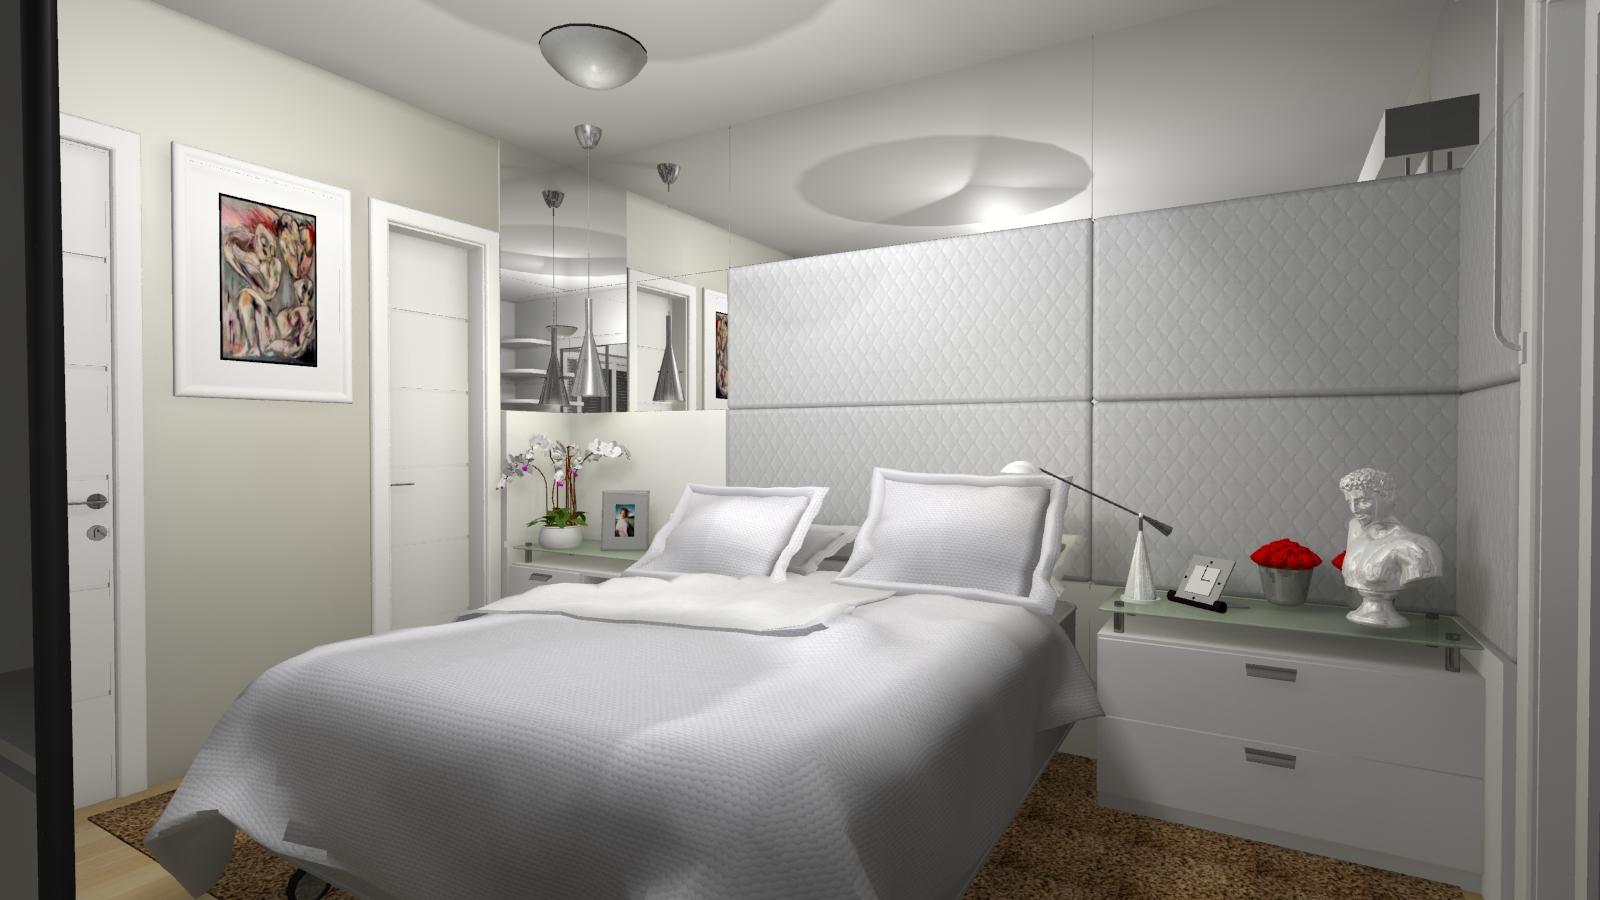 Móveis planejados Marcenaria sob medida armários cozinha banheiro  #614235 1600 900